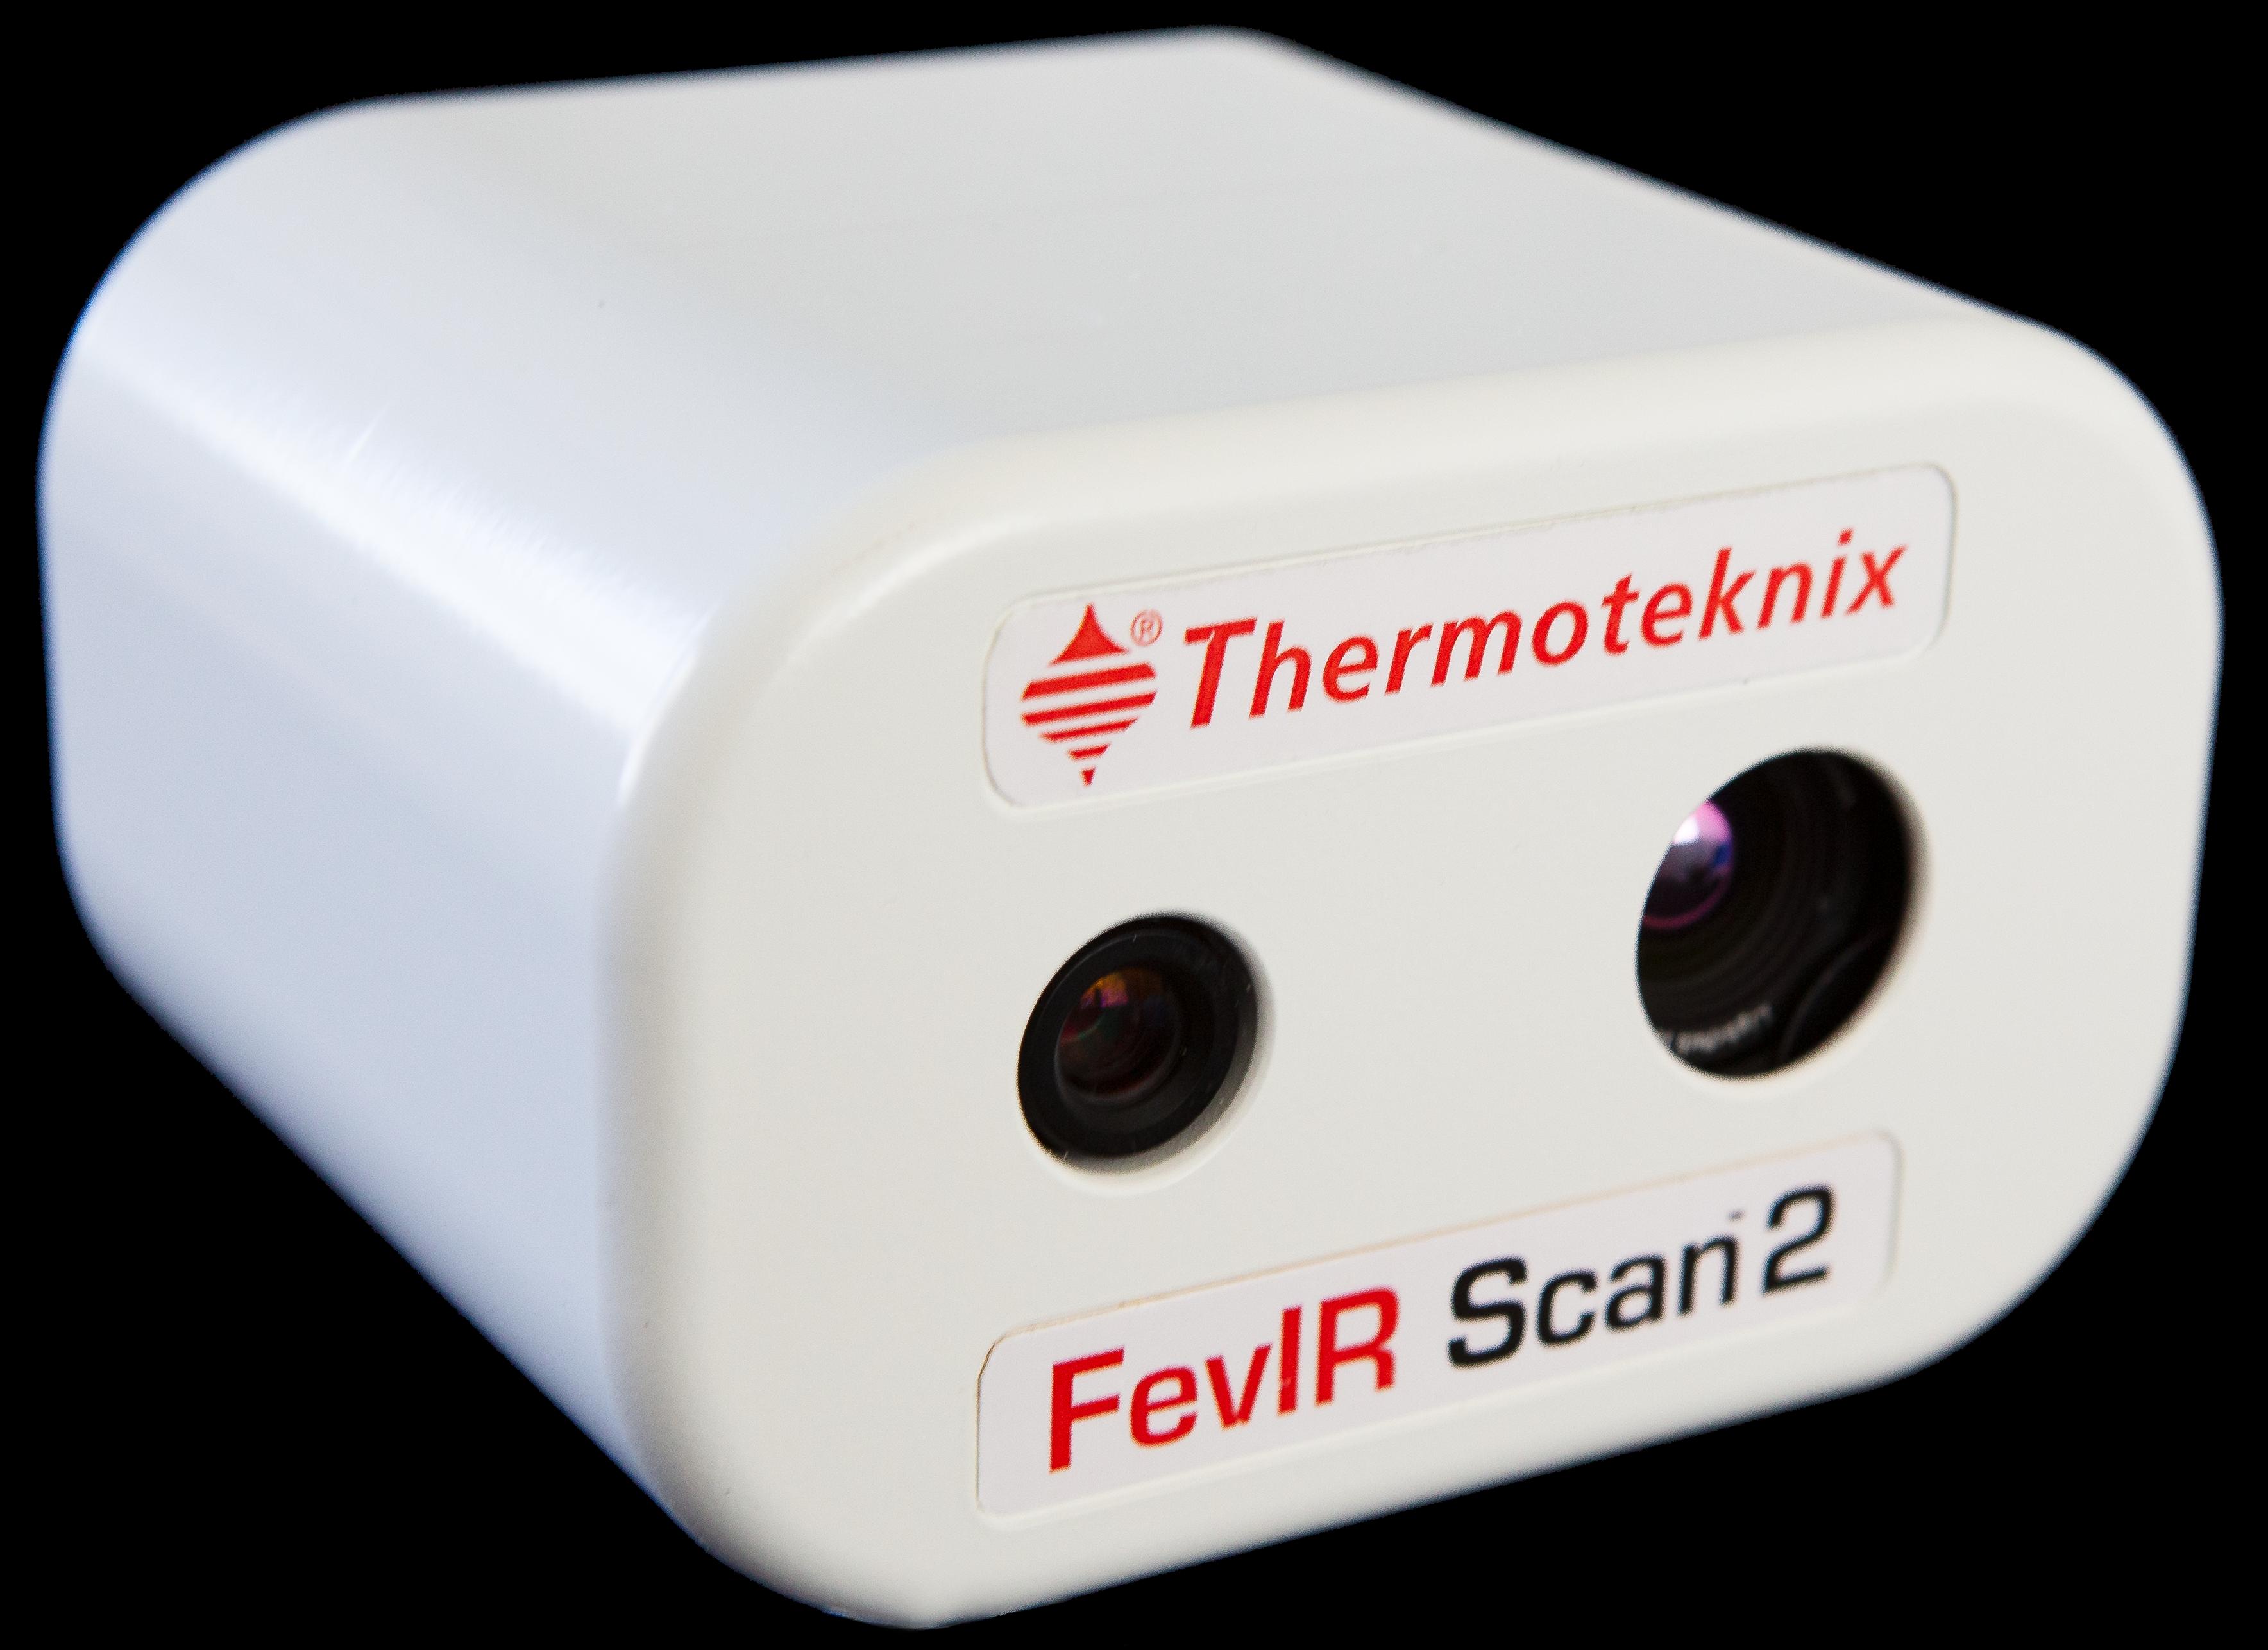 Una foto de cerca de un escáner FevIR Scan 2.